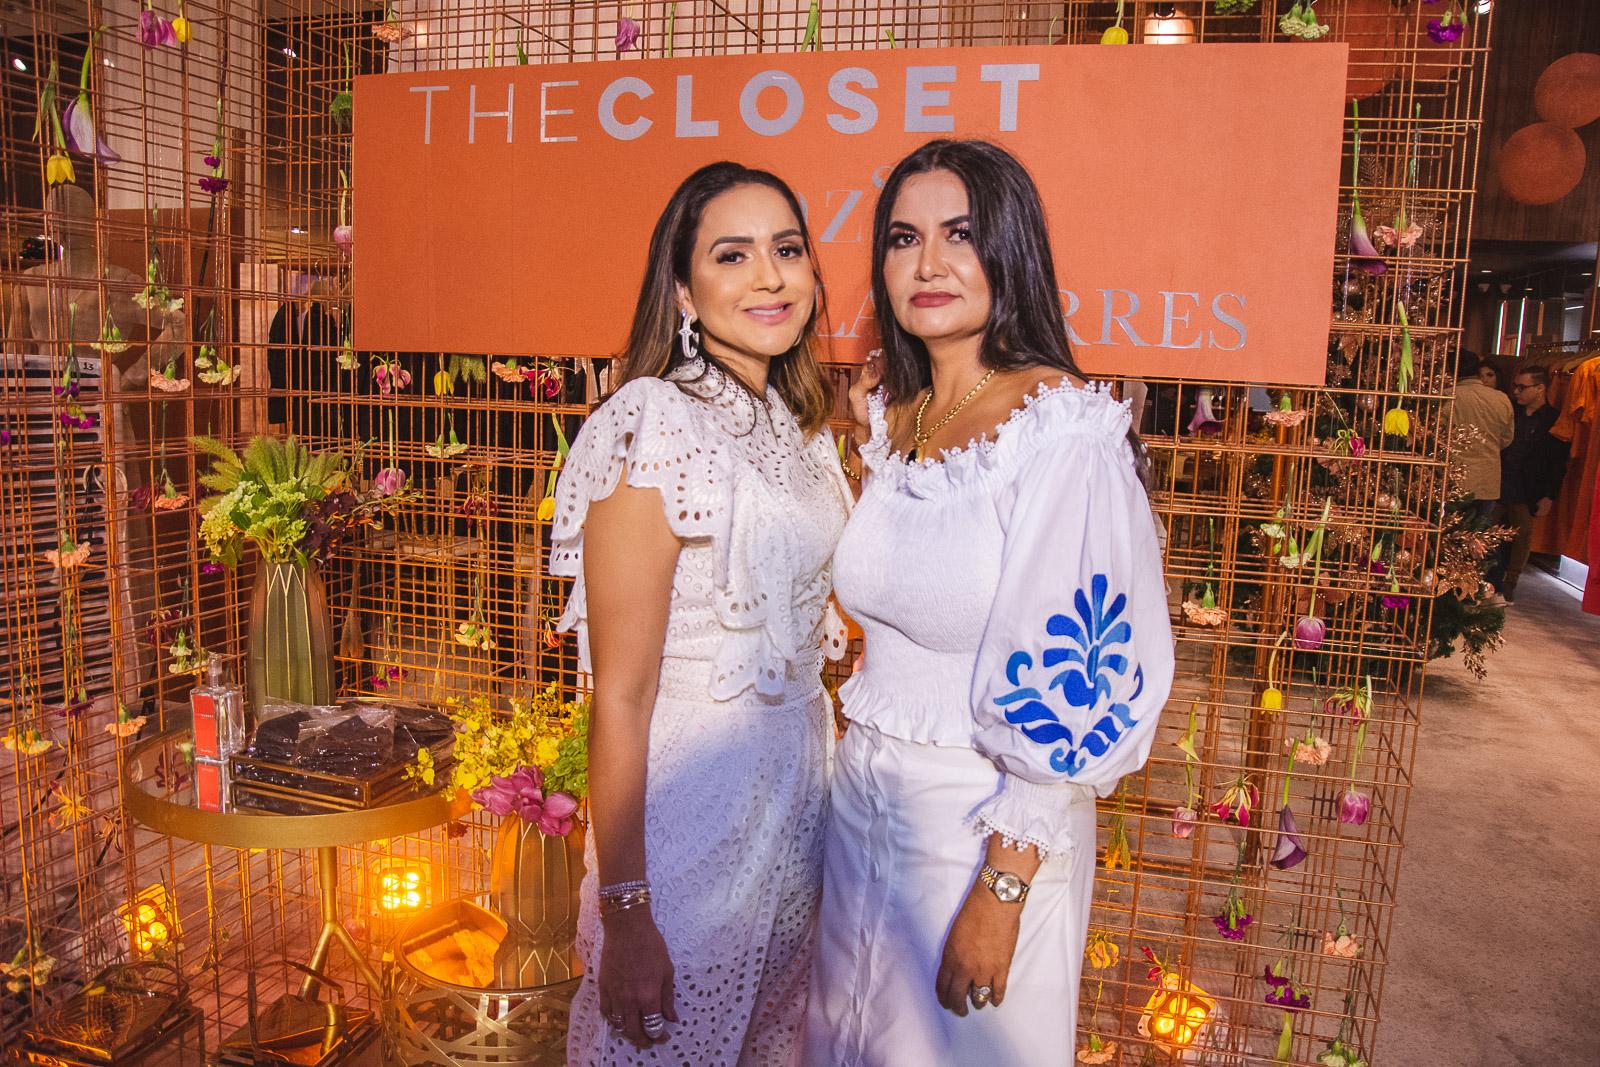 Kátia Targino e Marília Borges pilotam a inauguração de mais uma loja The Closet em Fortaleza